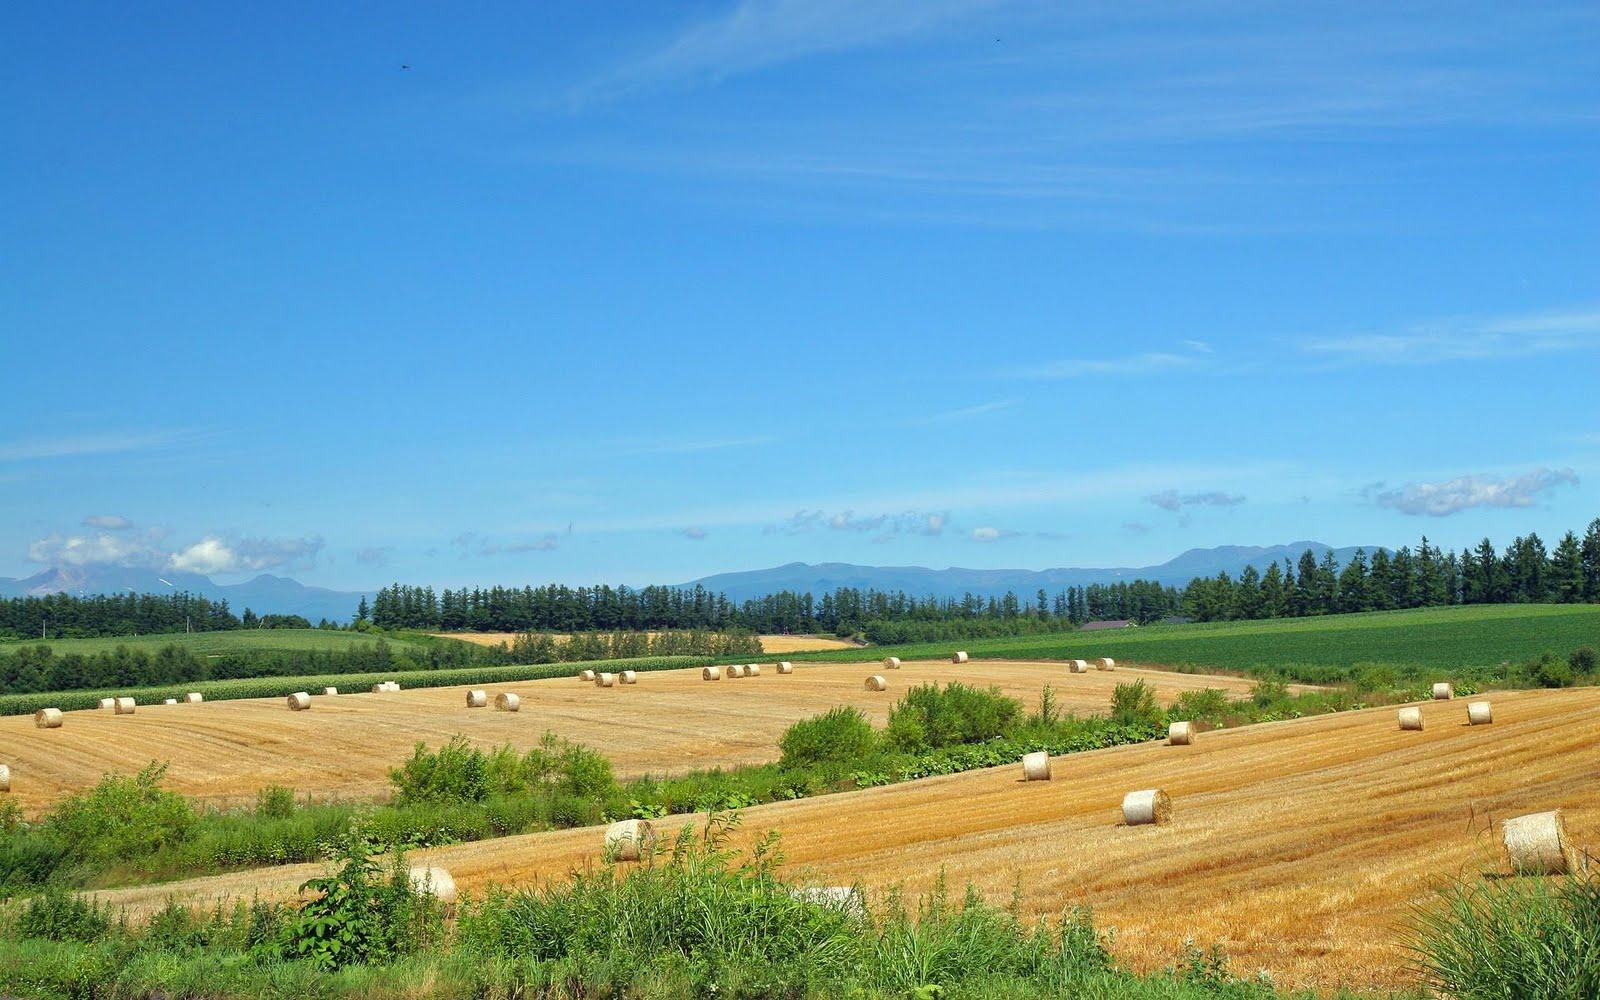 japan hokkaido landscape image - photo #19